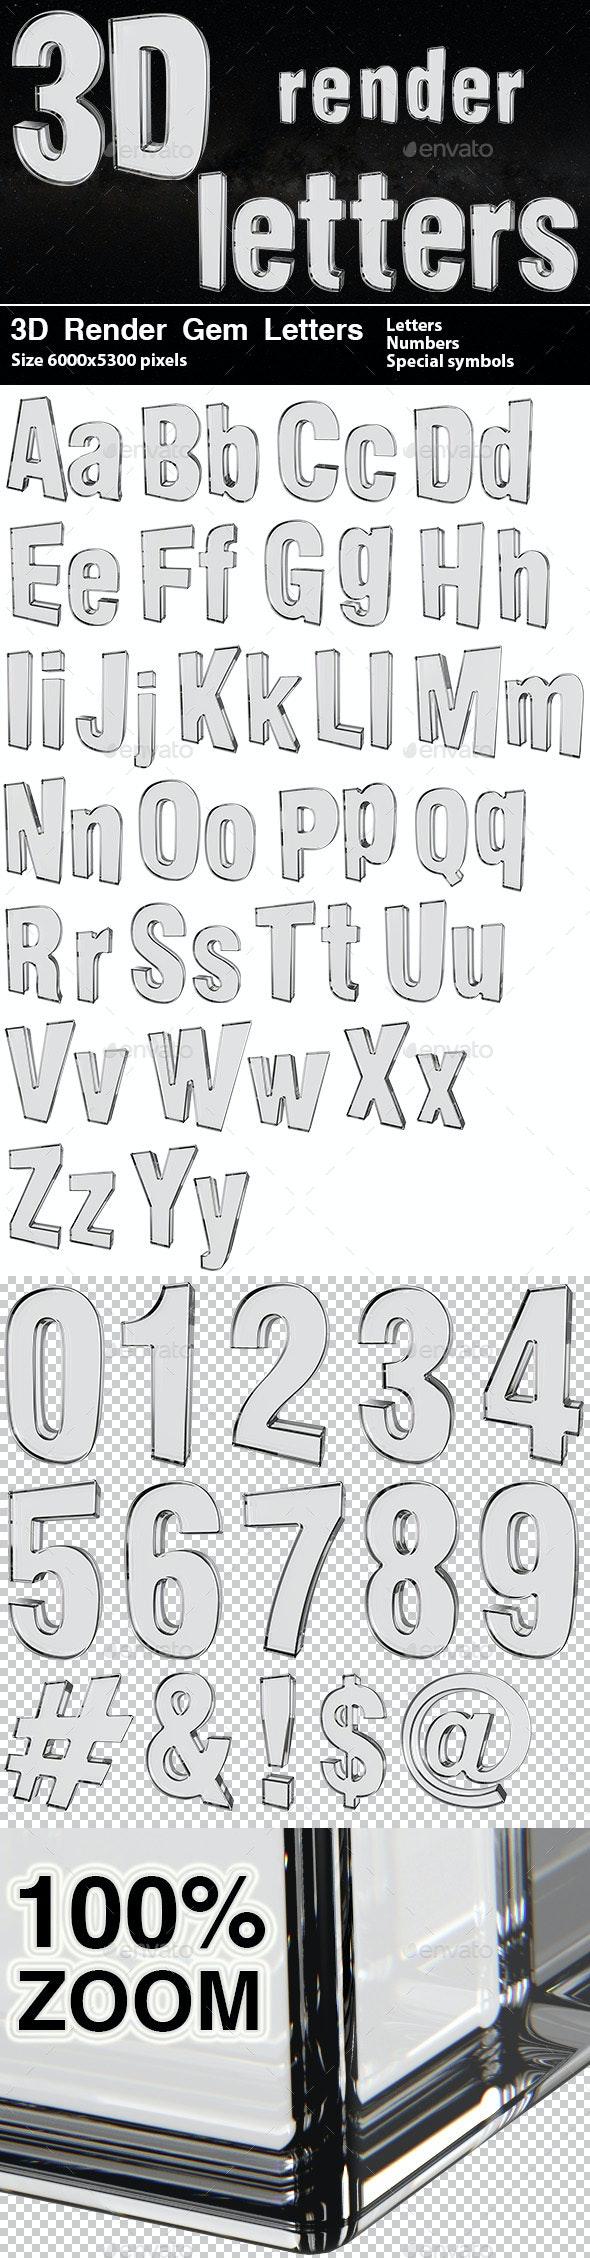 3D Render Gem Letters - Text 3D Renders